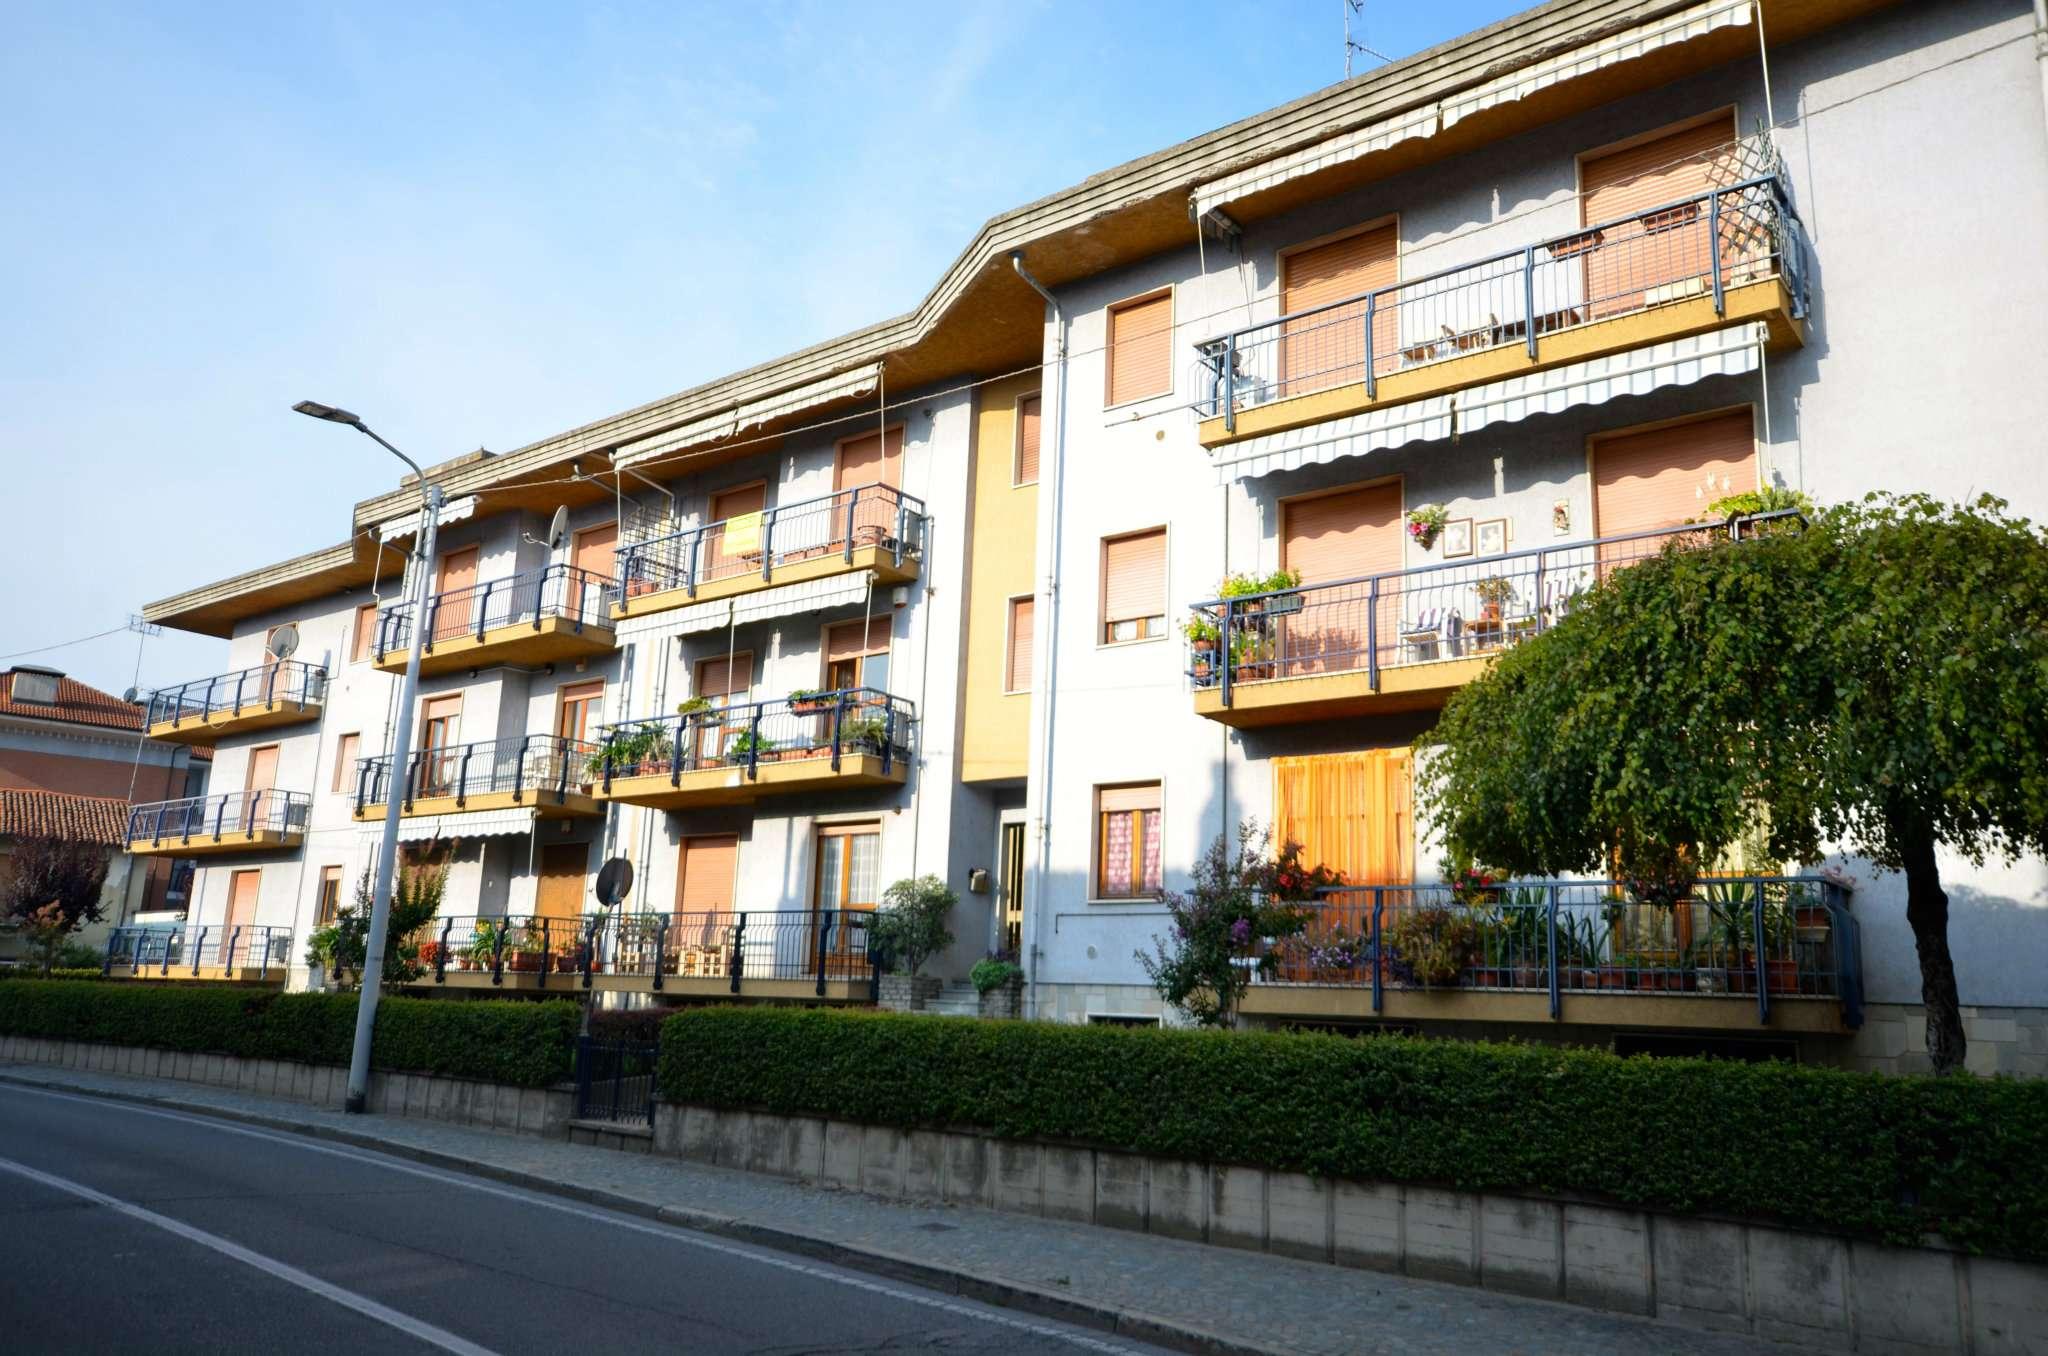 Appartamento in vendita a Centallo, 5 locali, prezzo € 120.000 | CambioCasa.it